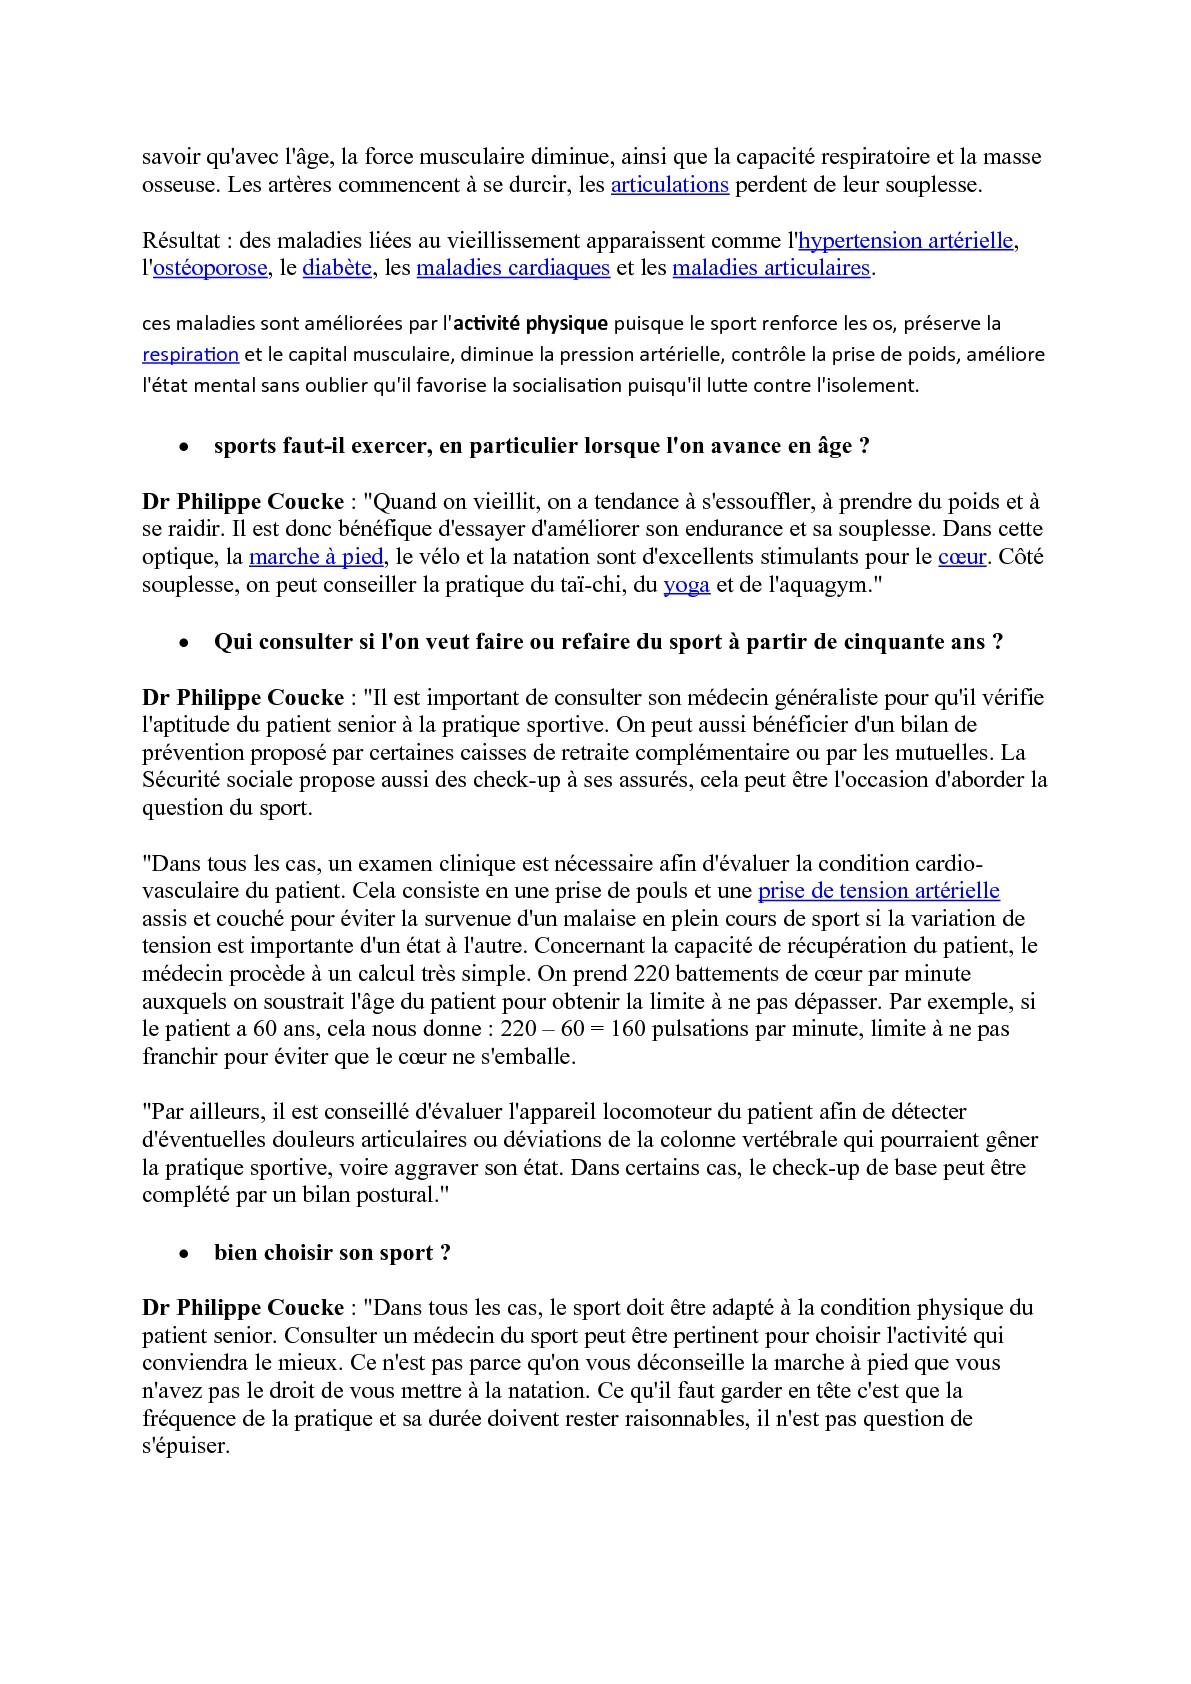 2017-12-03 Les bienfaits du sport chez les seniors-008-008.jpg